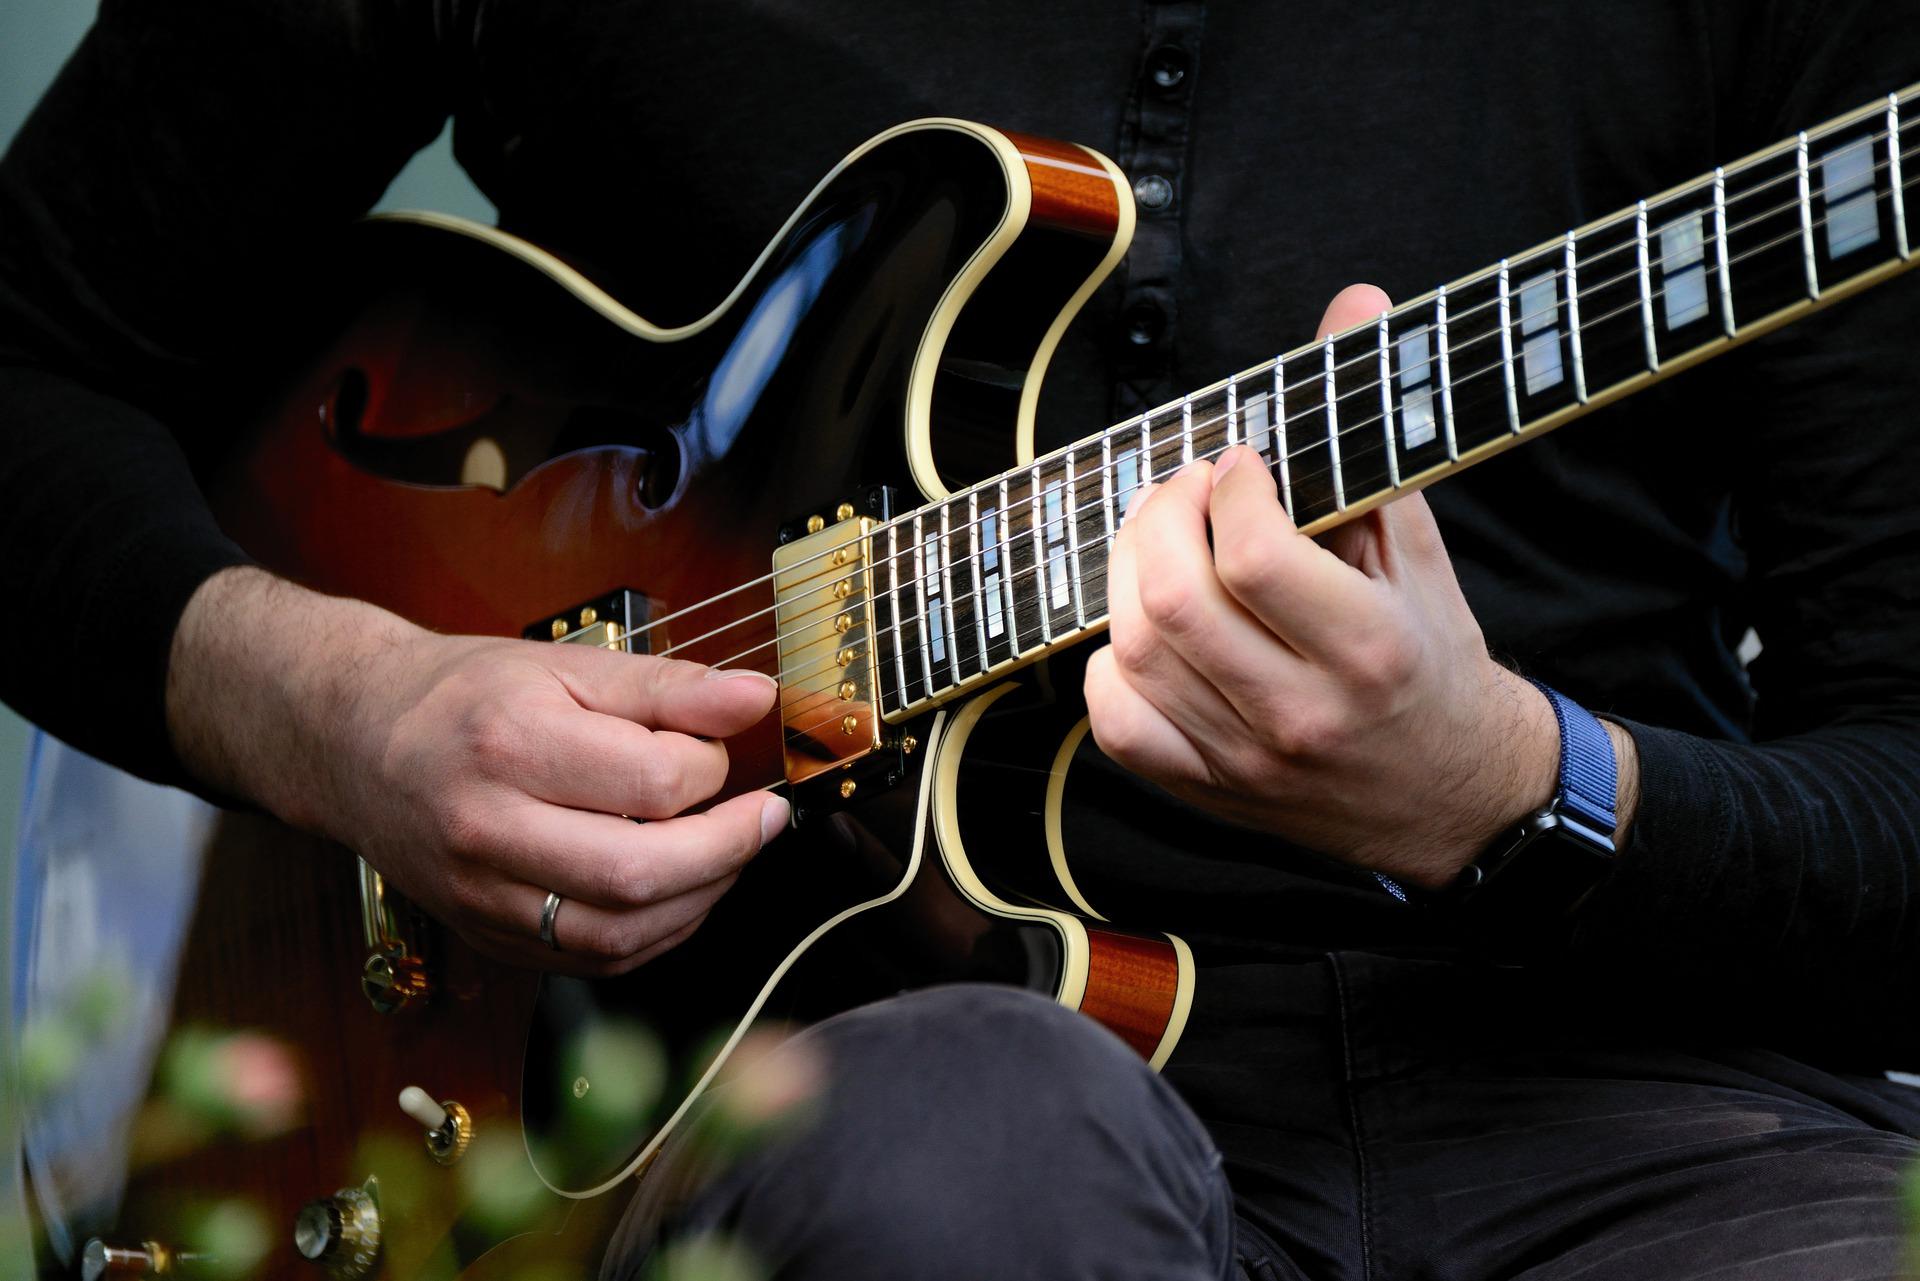 Концерт в рамках фестиваля гитарной музыки прошел в музее-усадьбе «Остафьево»